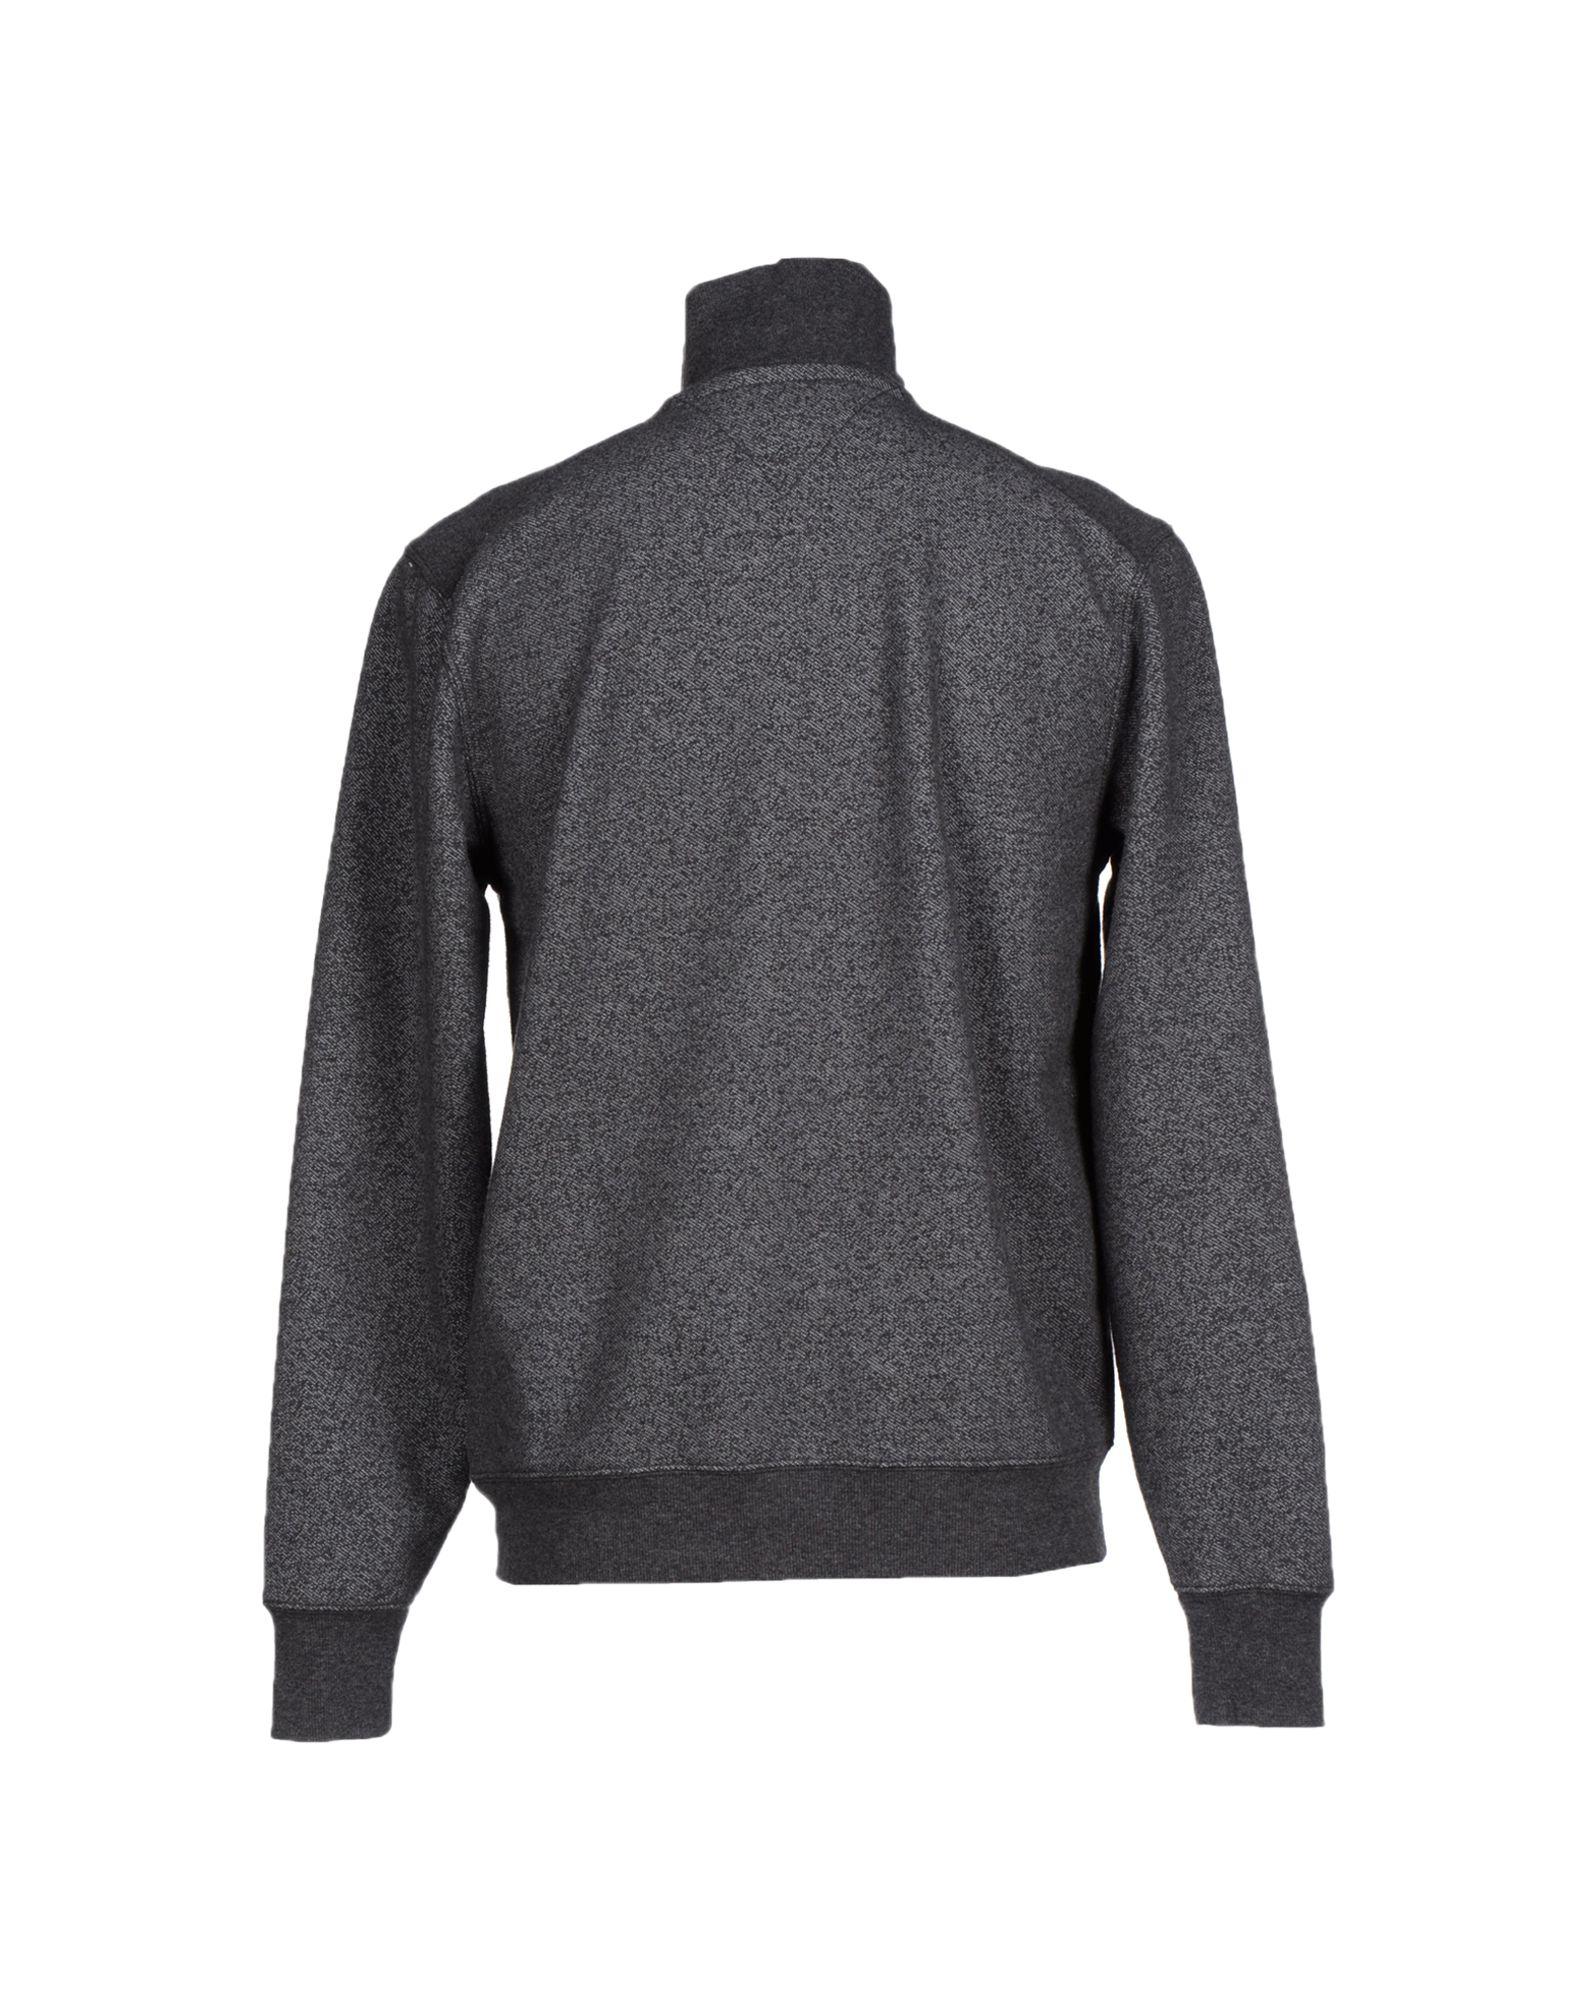 tommy hilfiger sweatshirt in gray for men lyst. Black Bedroom Furniture Sets. Home Design Ideas